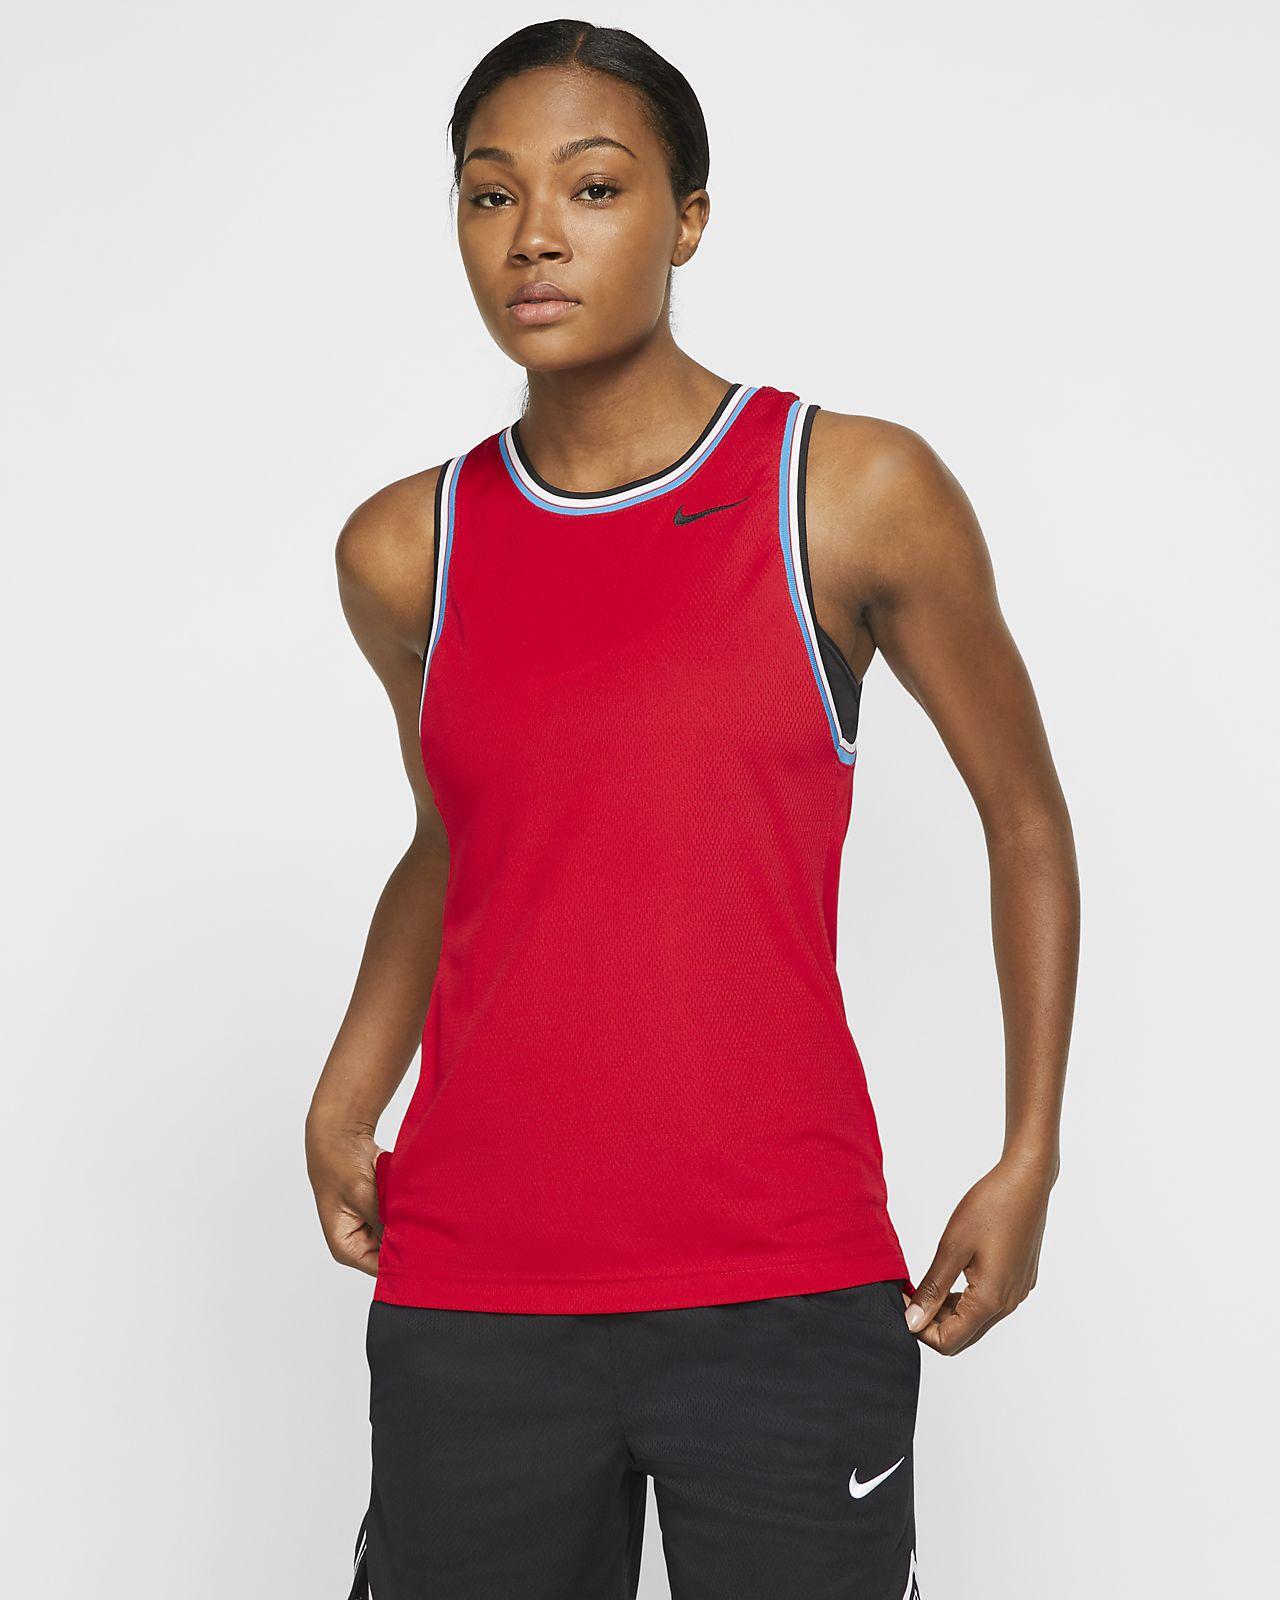 Prenda para la parte superior de básquetbol sin mangas para mujer Nike Dri-FIT